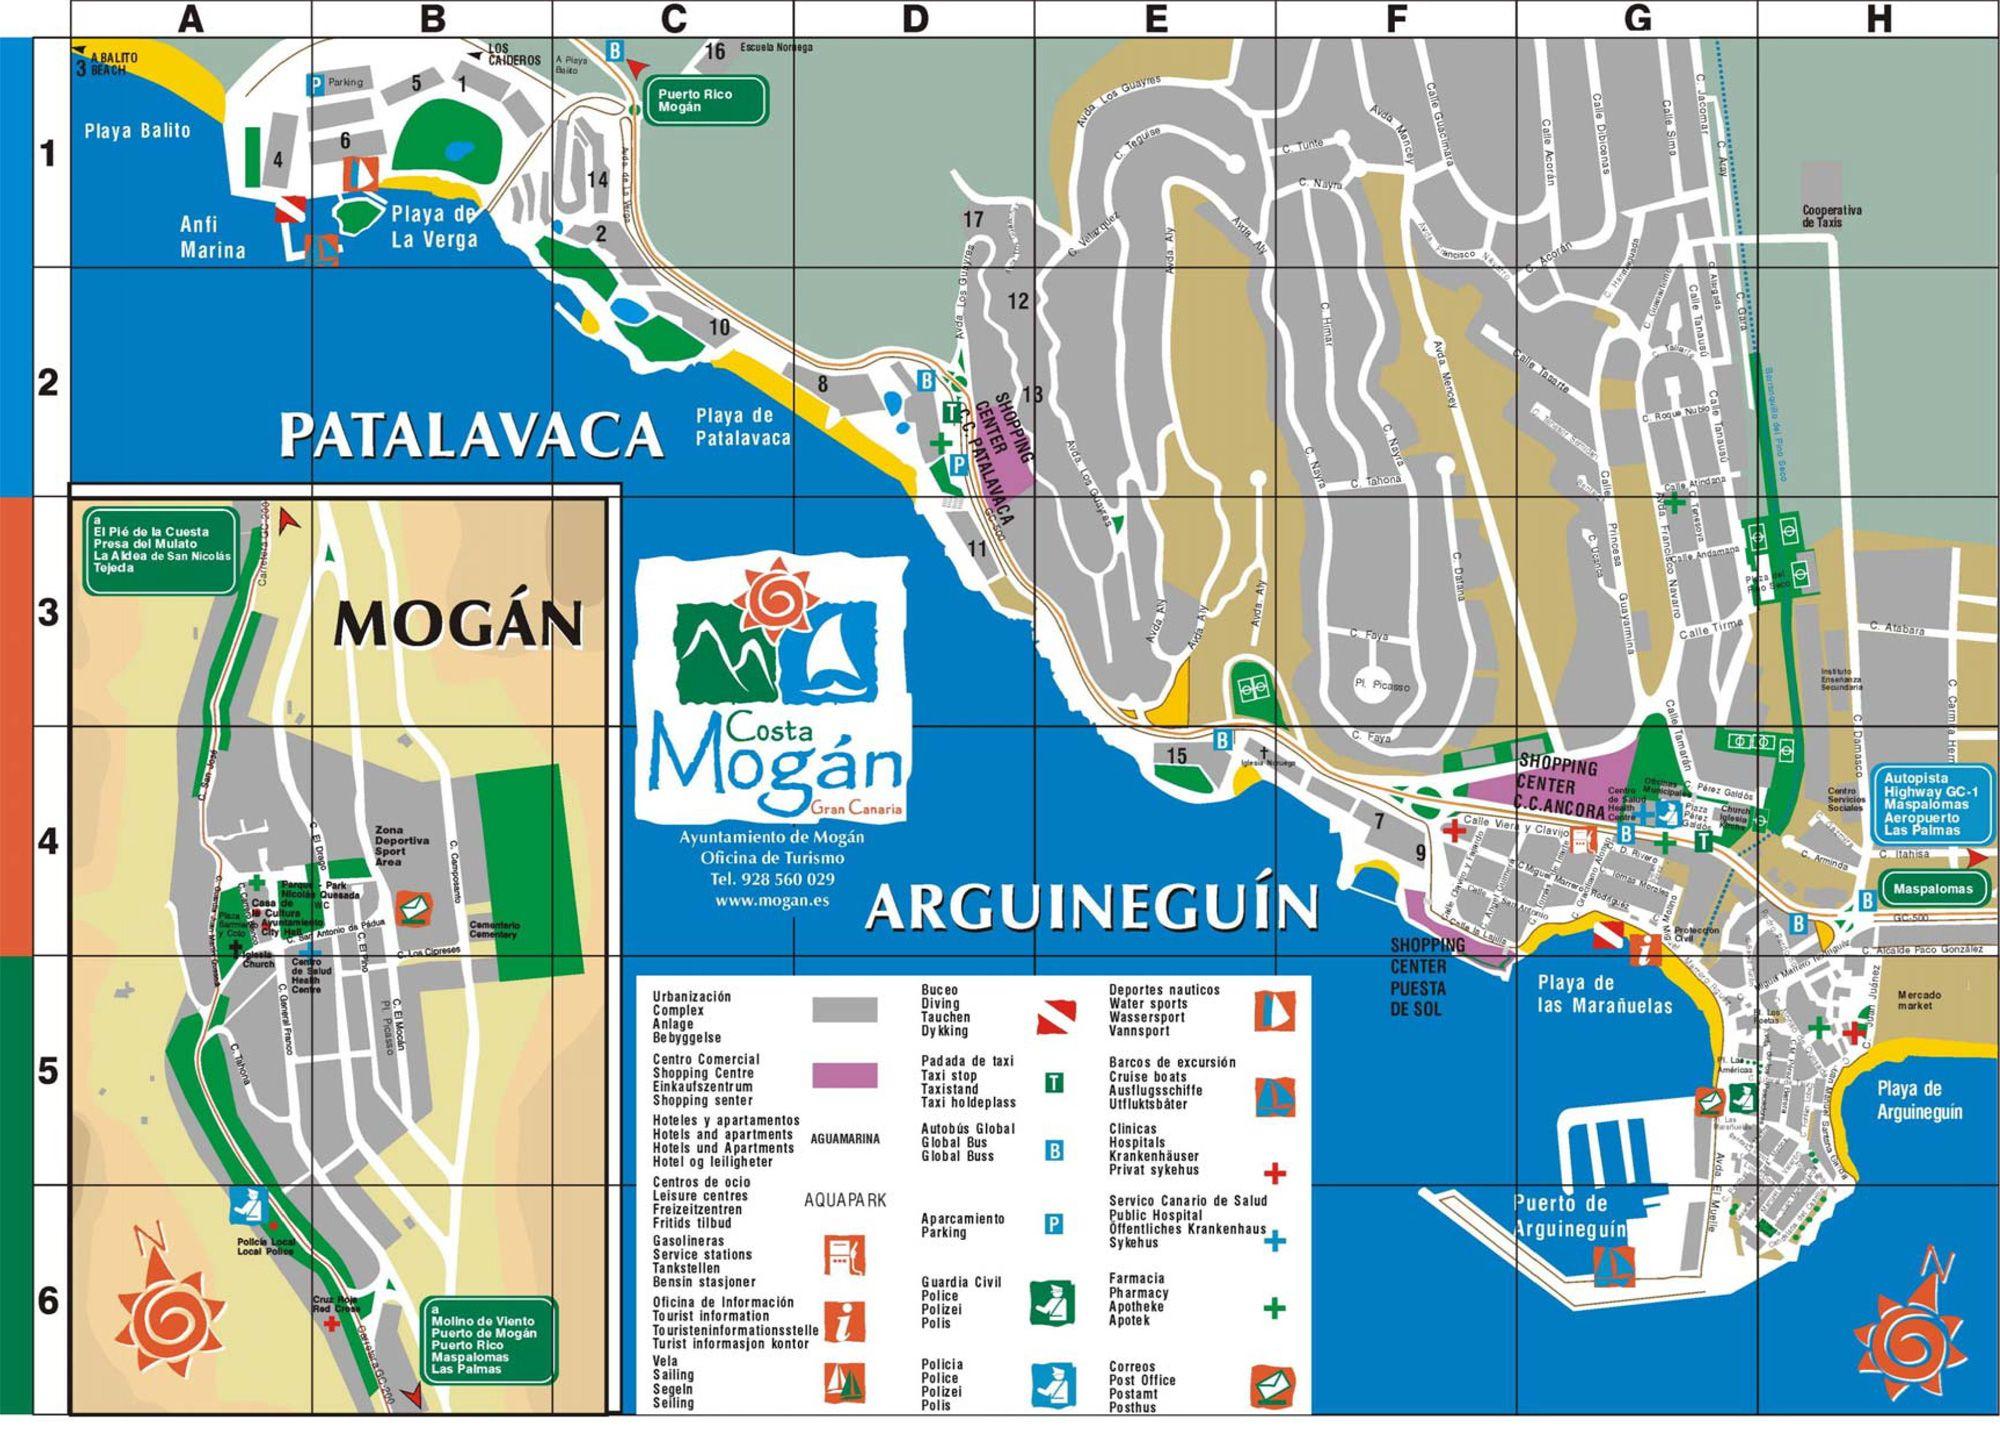 arguineguin kart kart Arguineguin(stort). (2000×1441) | Gran canaria | Pinterest arguineguin kart